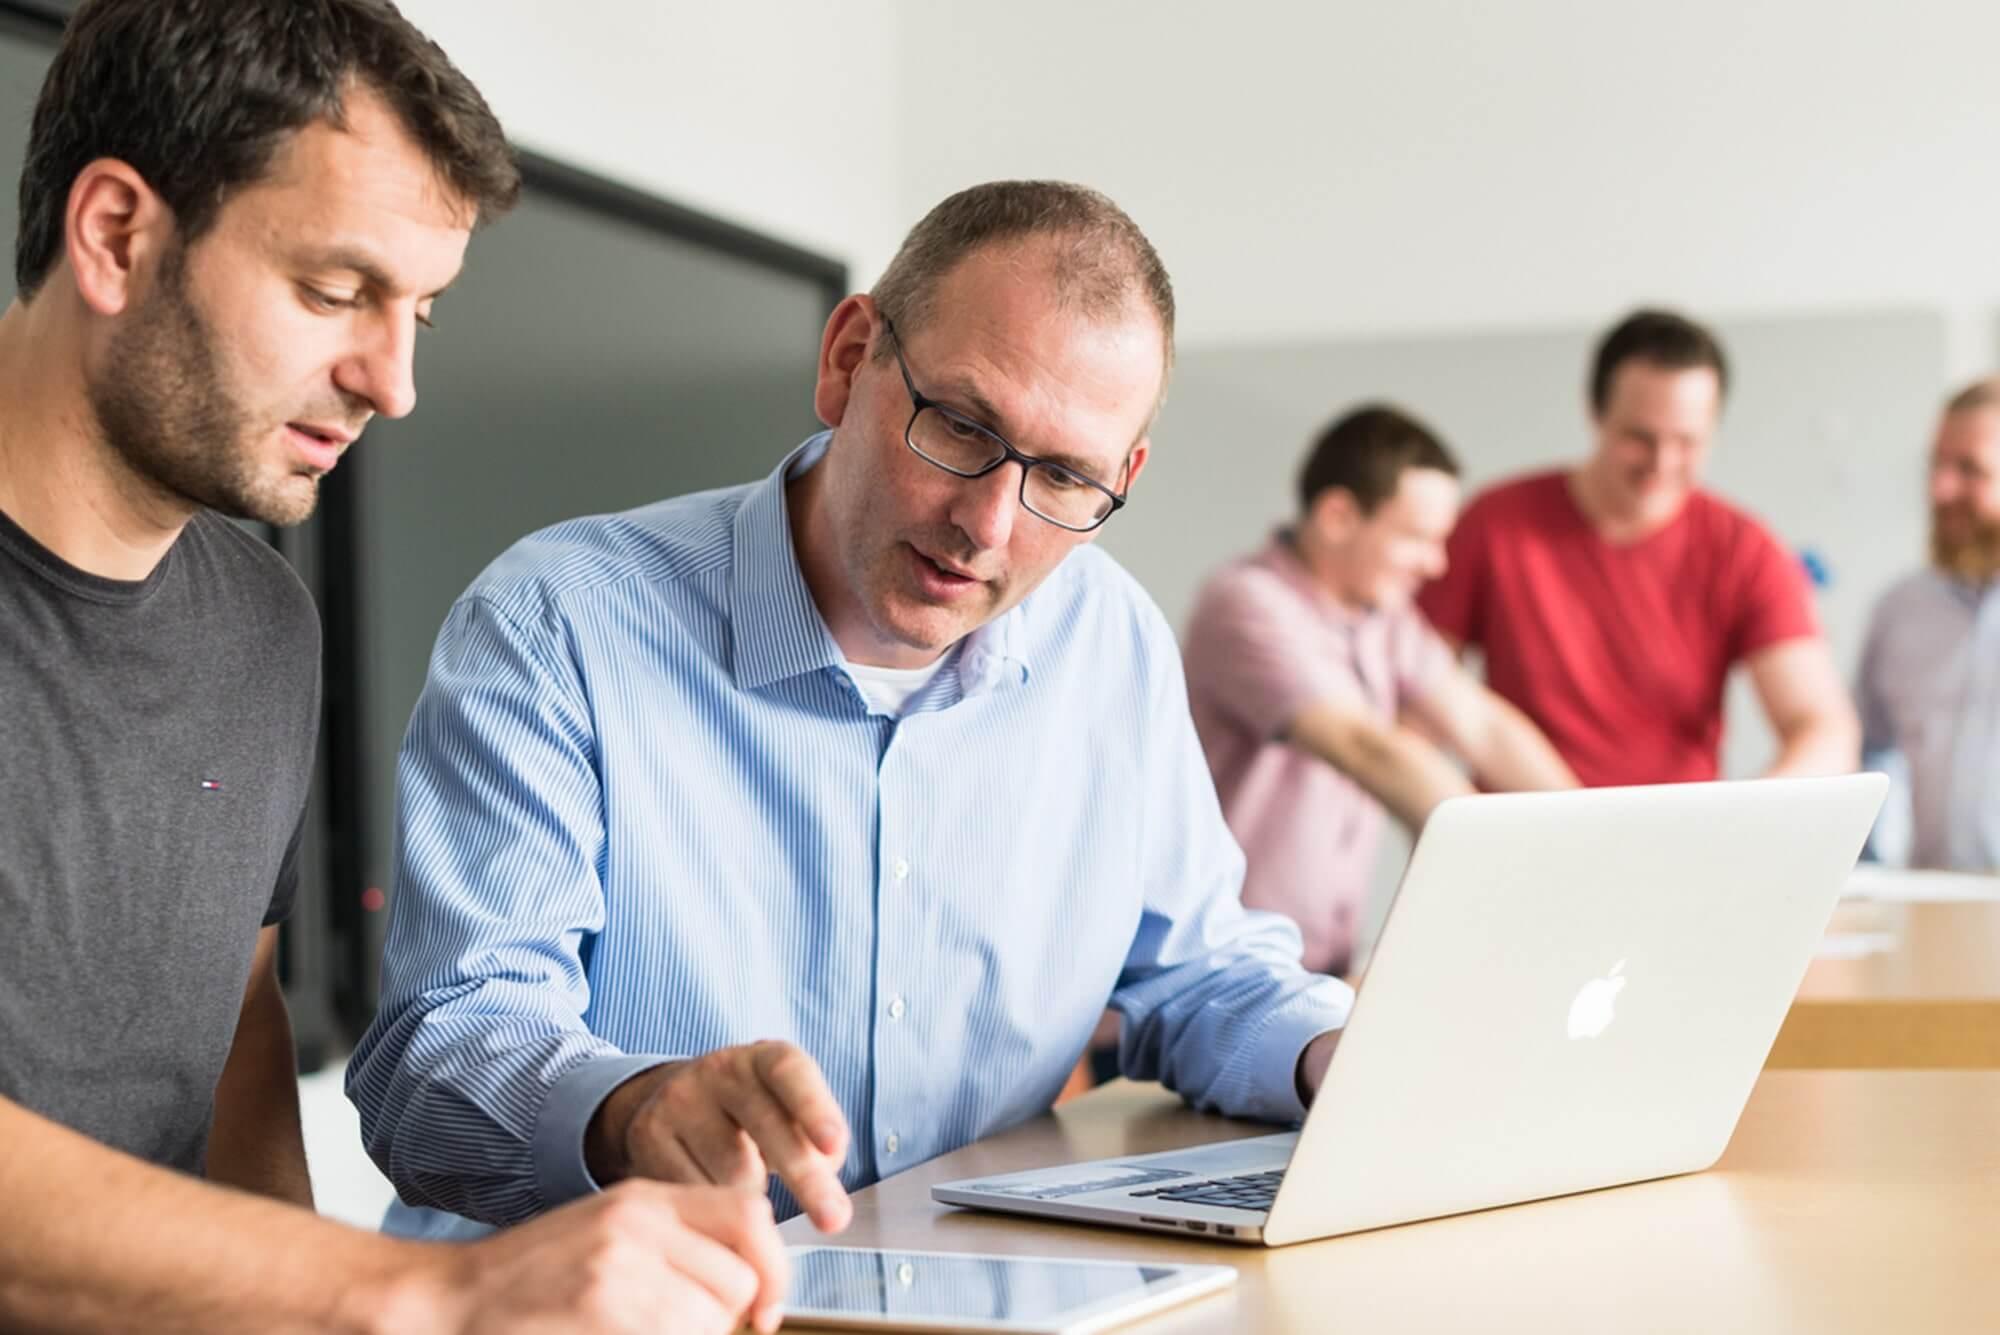 Zwei Personen führen am Laptop und iPad eine Bedarfsanalyse durch